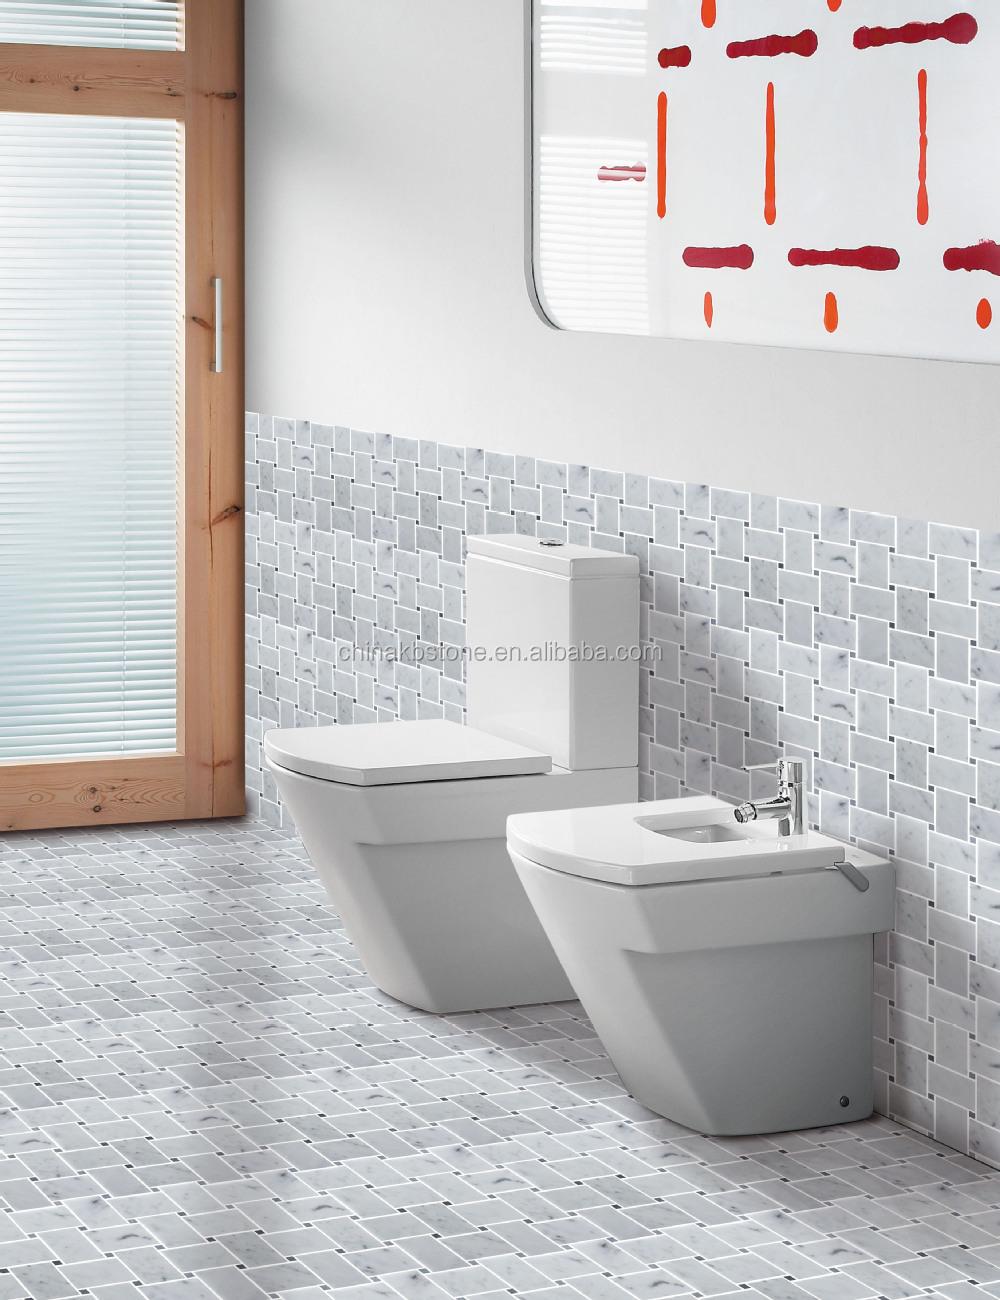 Carrara wit marmeren tegels mozaïek, gevlochten manden ontwerp ...